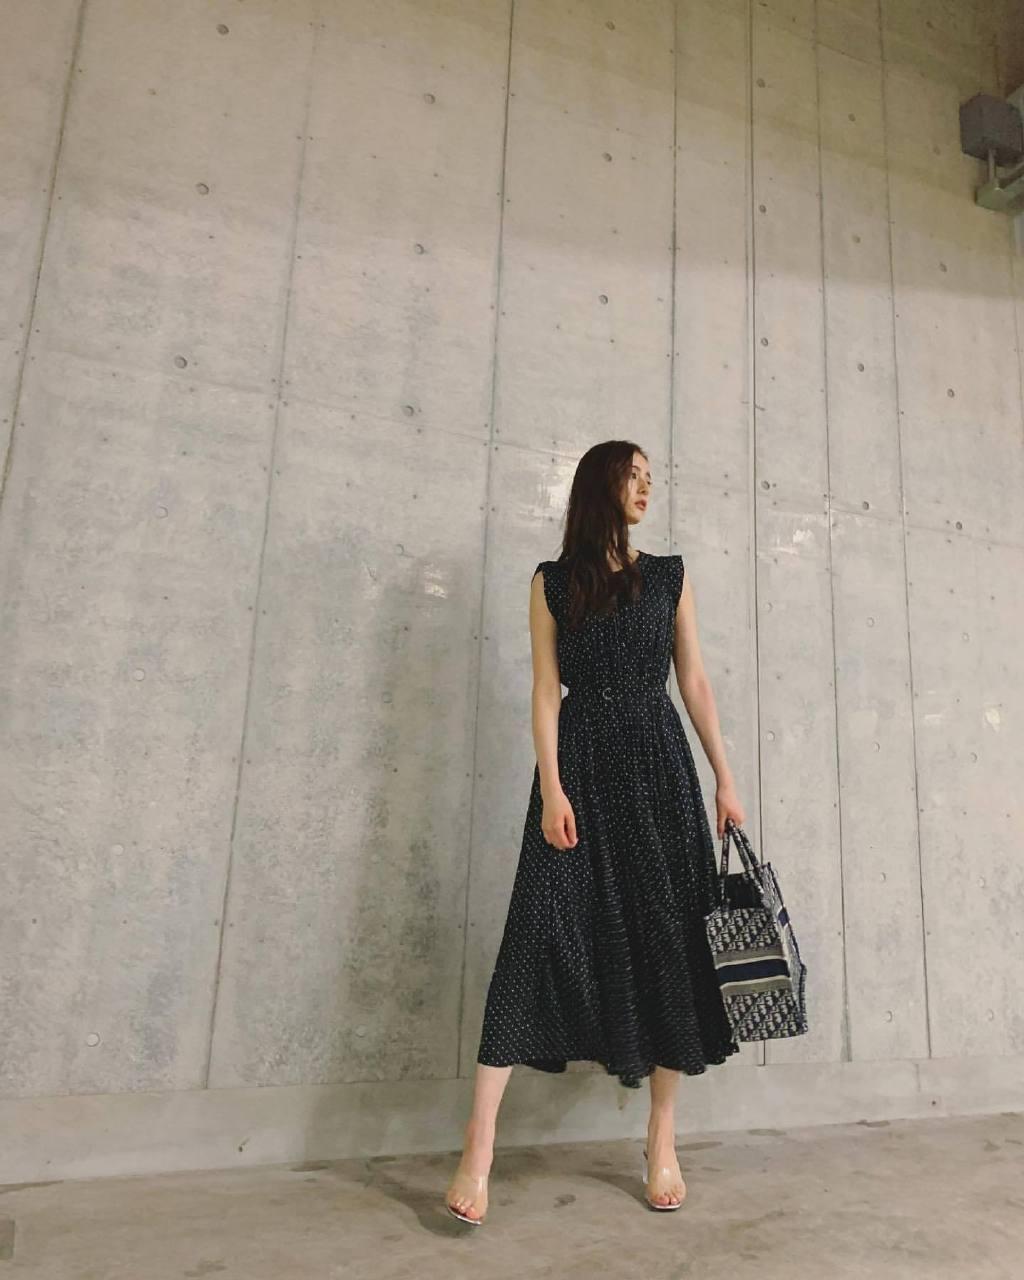 新木优子黑白长裙写真公开,天然氧气脸,不愧是日本第一初恋